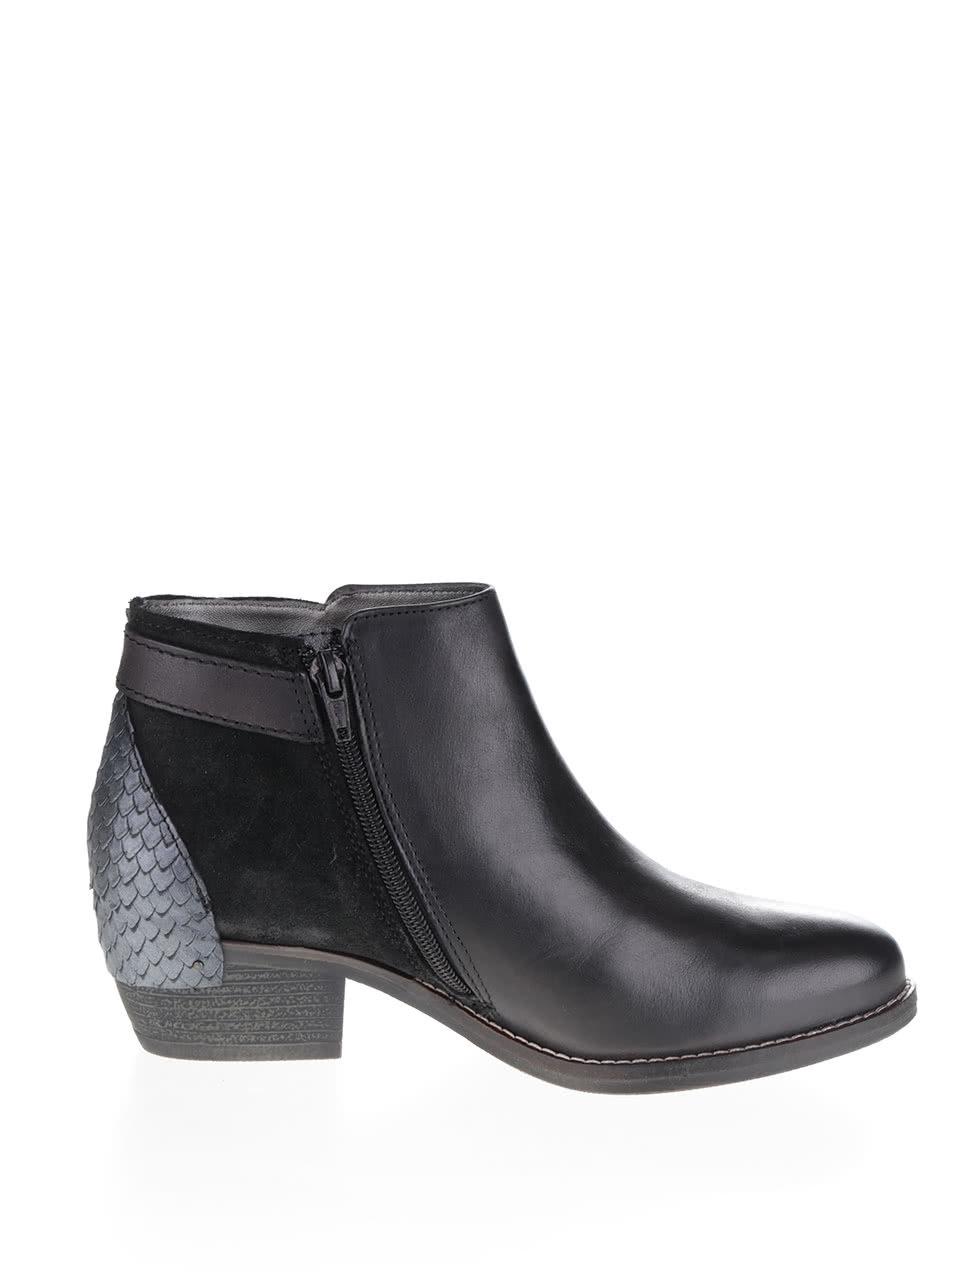 56d4b25b3 Čierne dámske kožené členkové topánky s prackou bugatti Lusie | ZOOT.sk